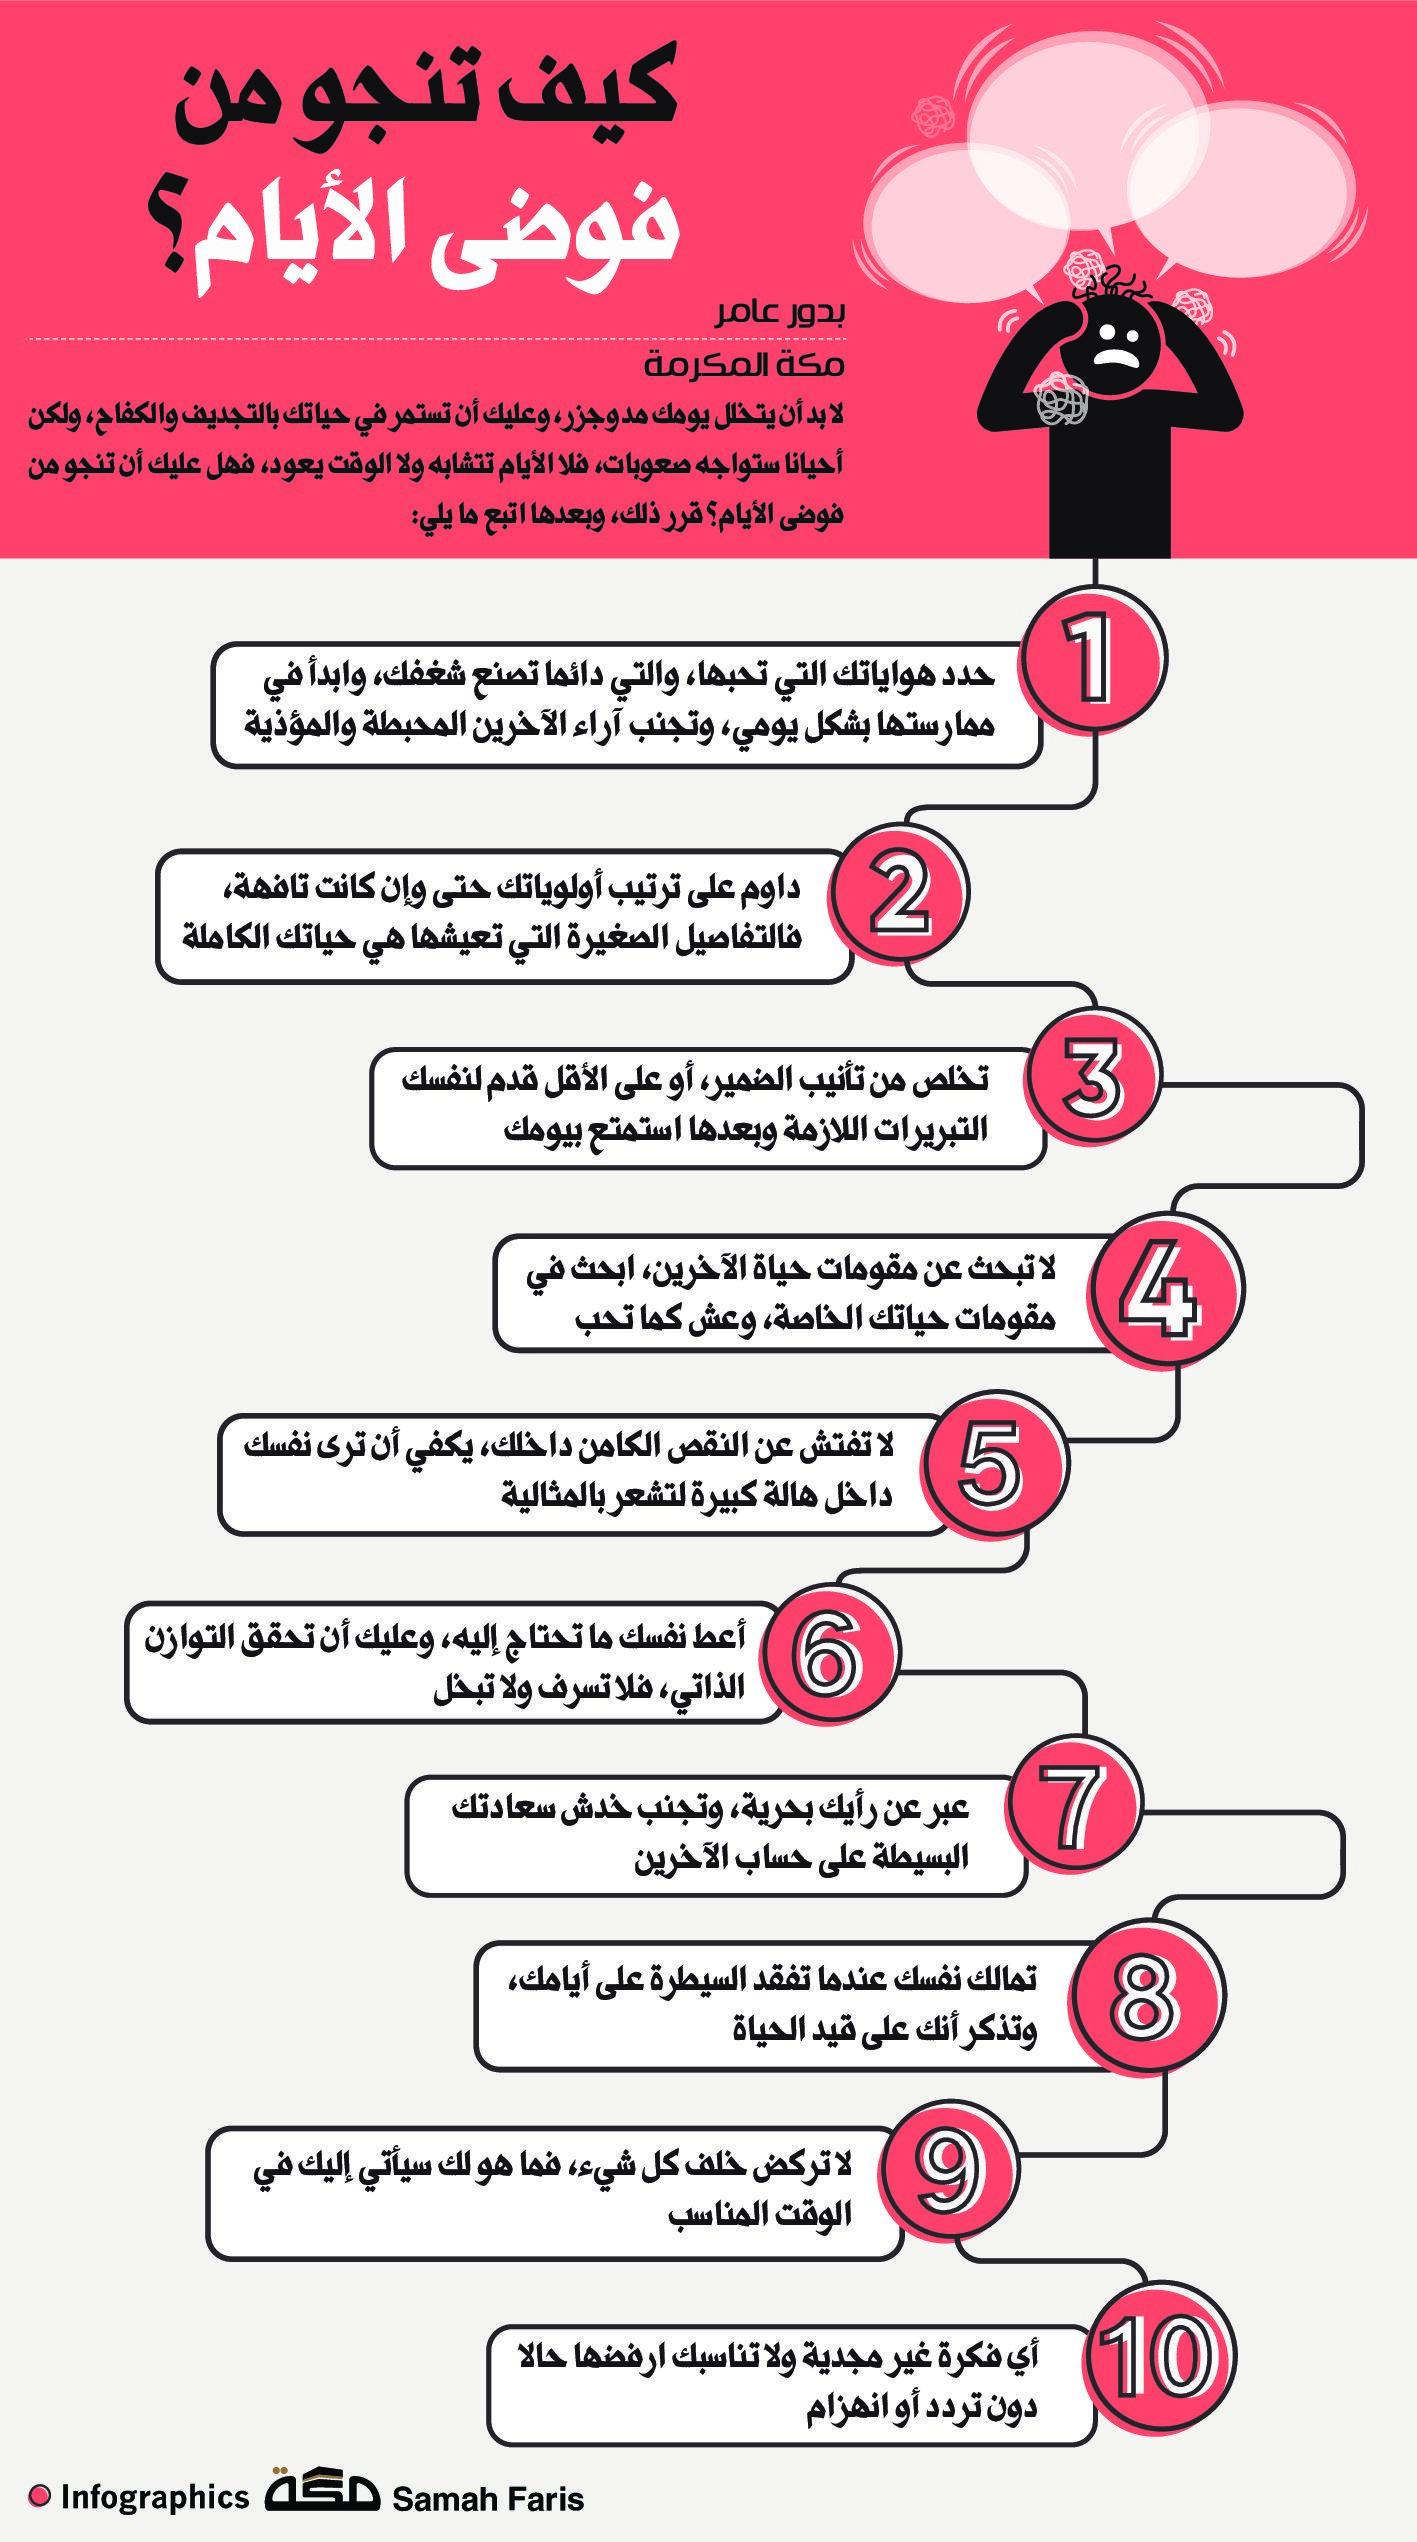 كيف تنجو من فوضى الأيام صحيفة مكة انفوجرافيك منوعات Infographic Asos Comics